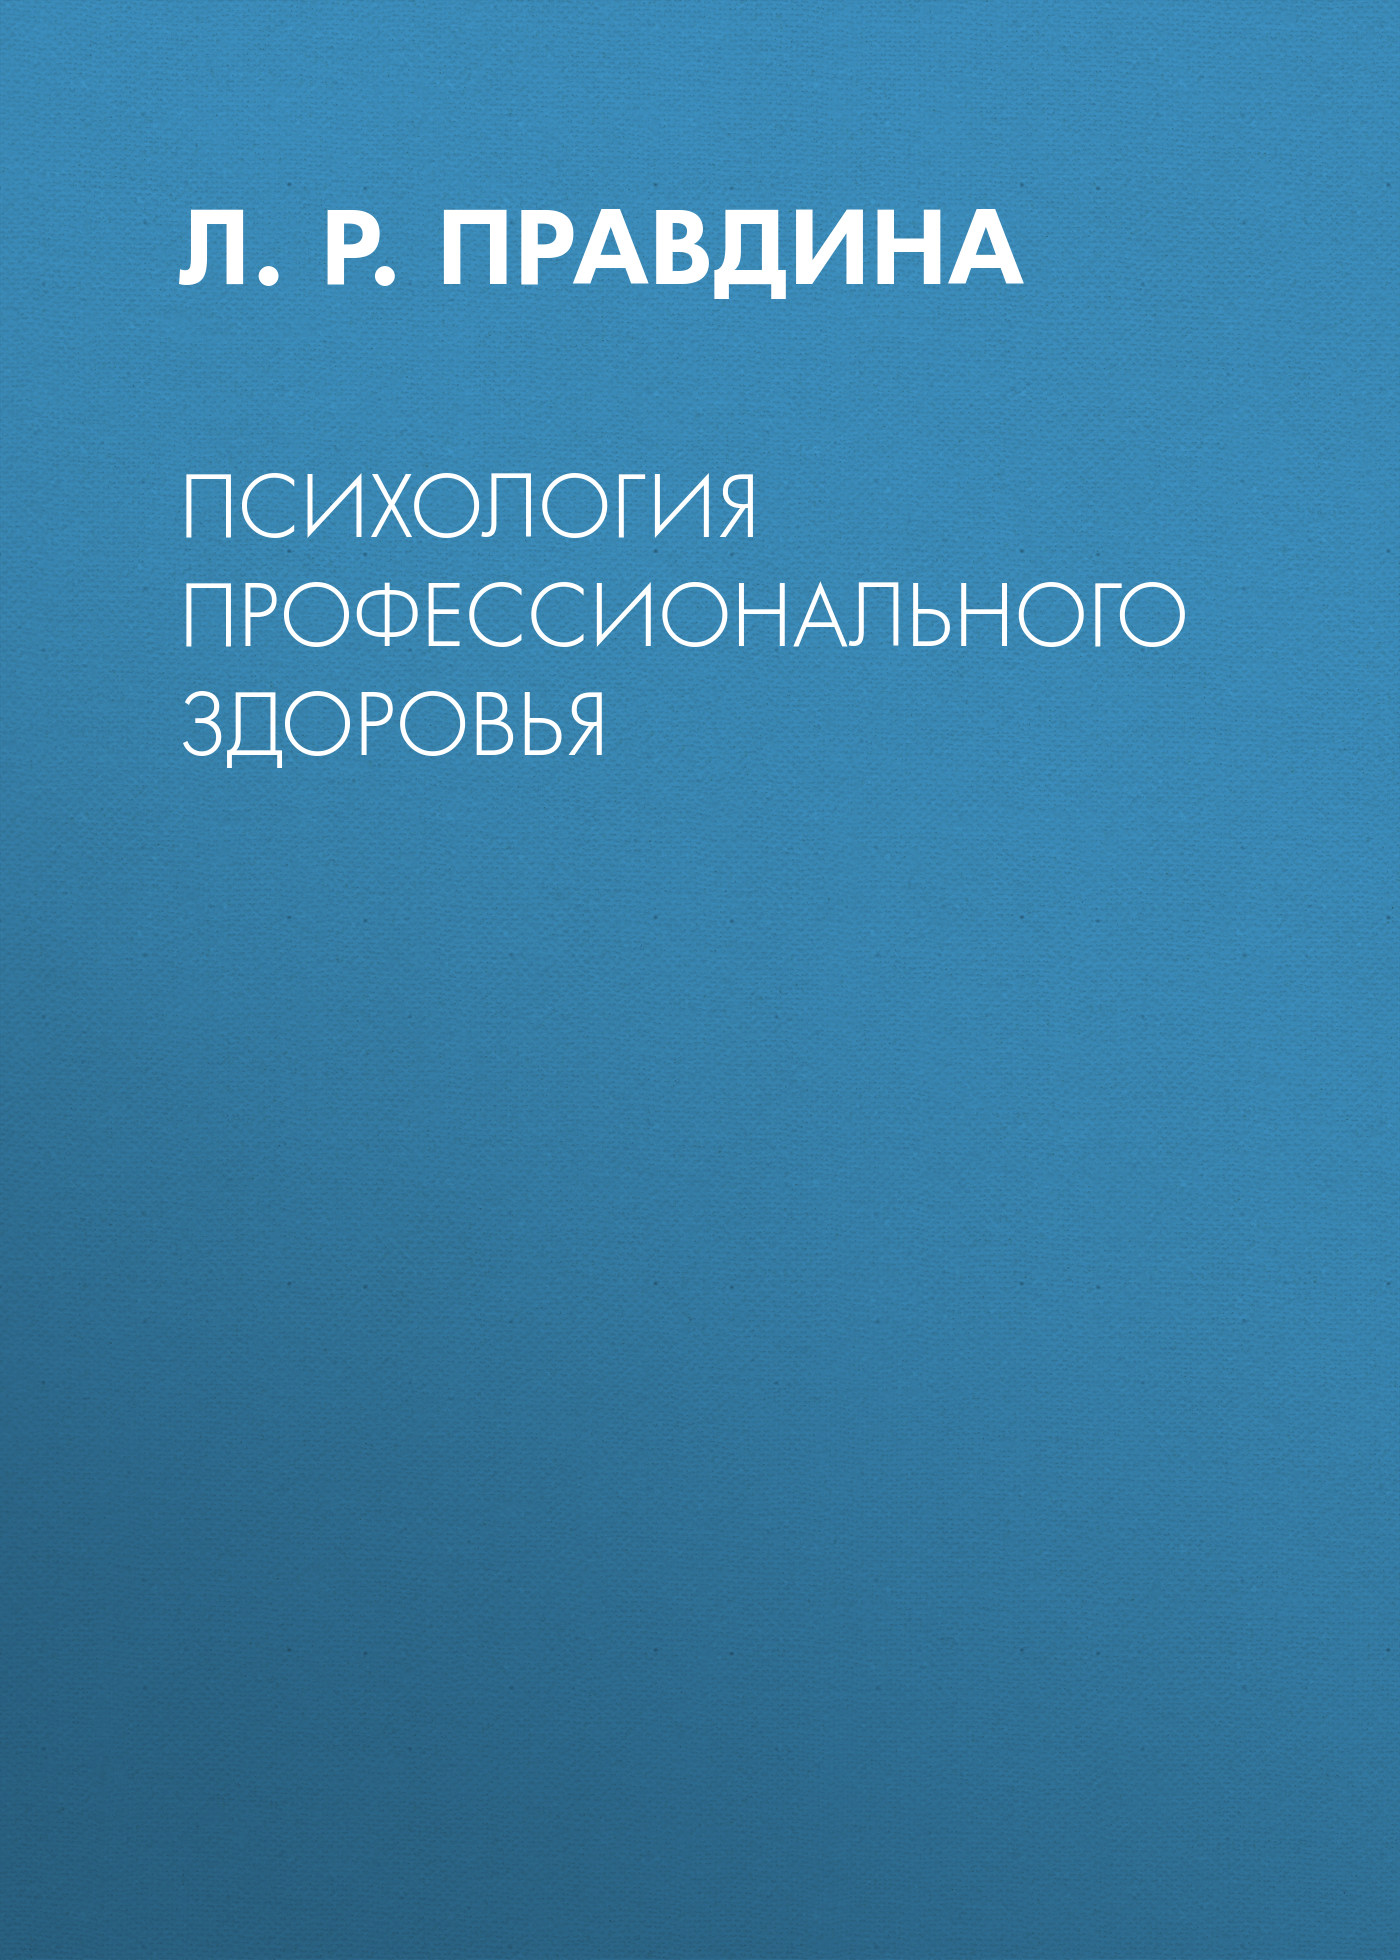 Лида Правдина «Психология профессионального здоровья»